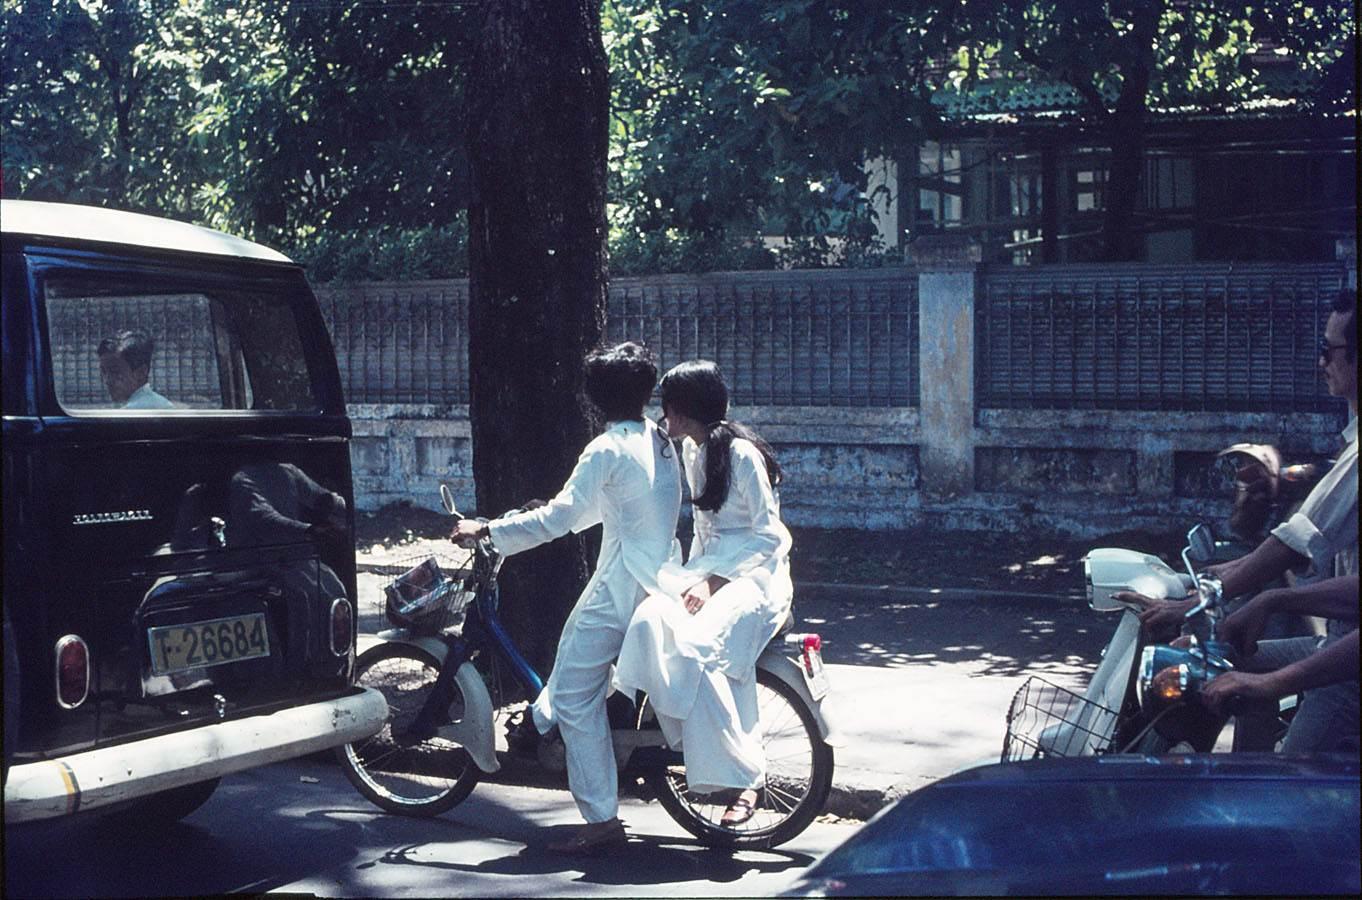 Hai thiếu nữ đang chở nhau trên đường. Cô gái ngồi sau ngồi phong cách một bên